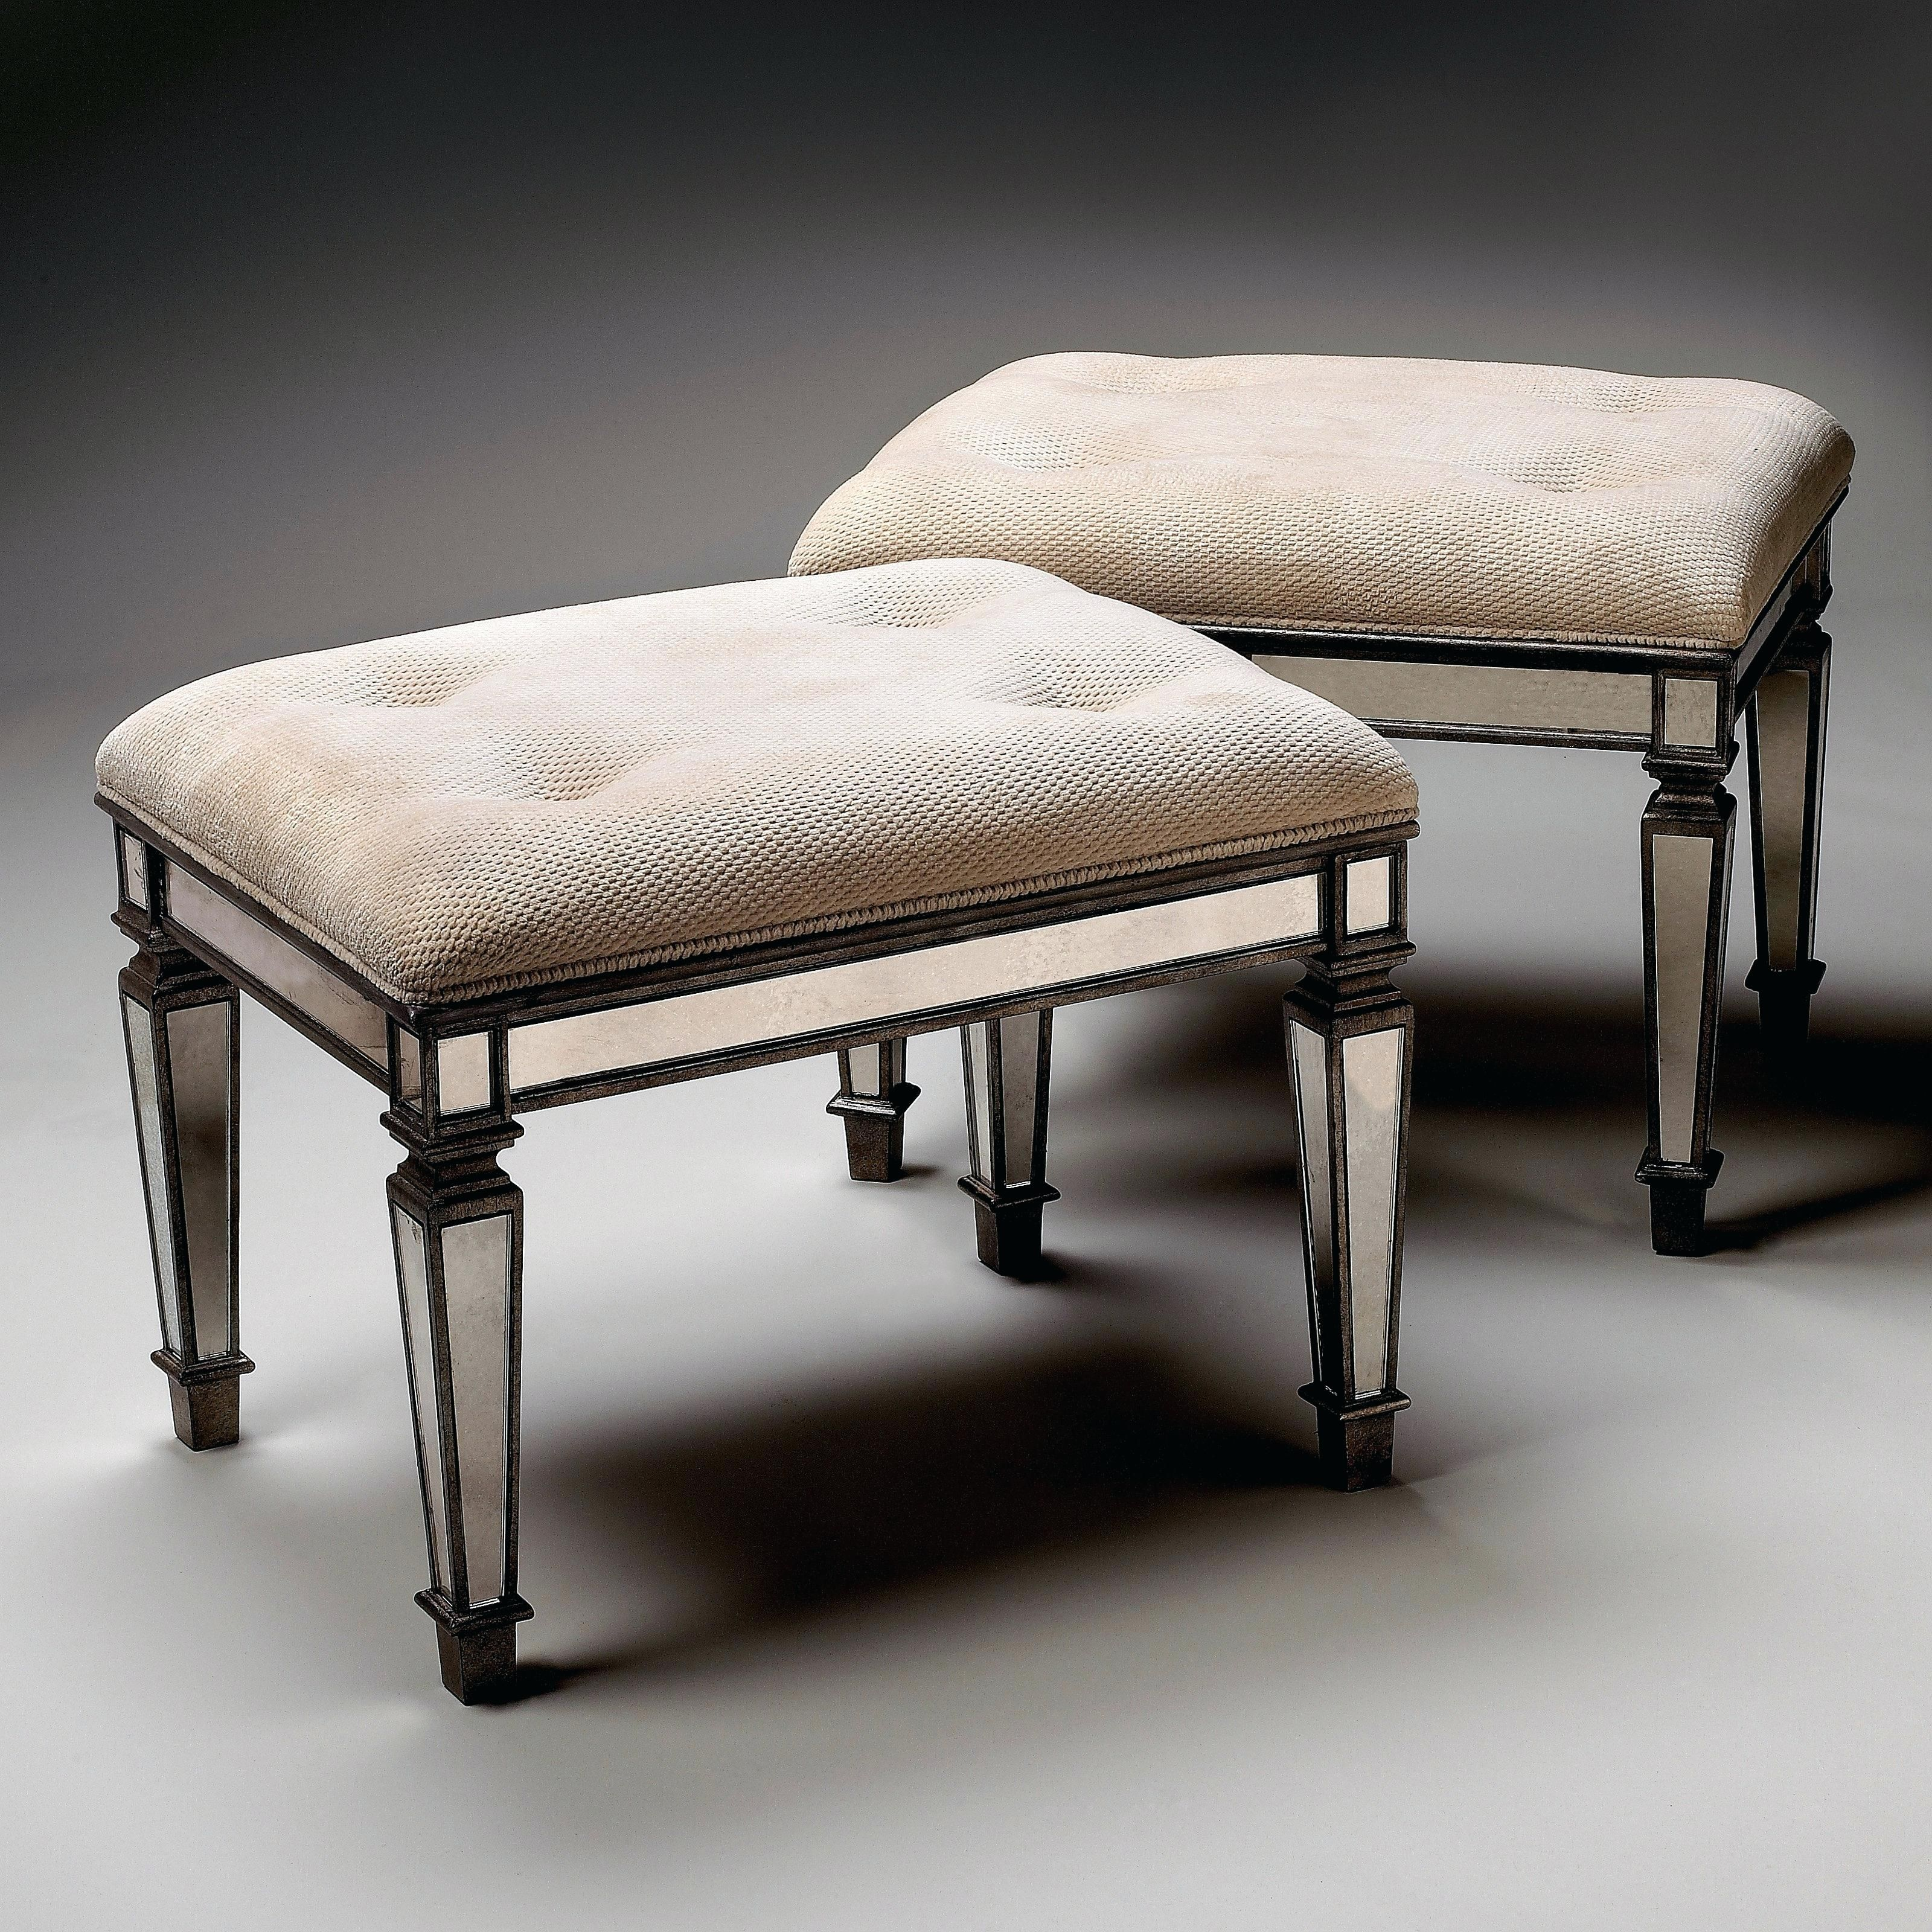 Bad Stuhle Und Hocker Badezimmer Sitzmobel Mobel Badezimmer Eitelkeit Bank Errichtet In Der Dusche Bank Bett Hocker Polsterhocker Spiegelmobel